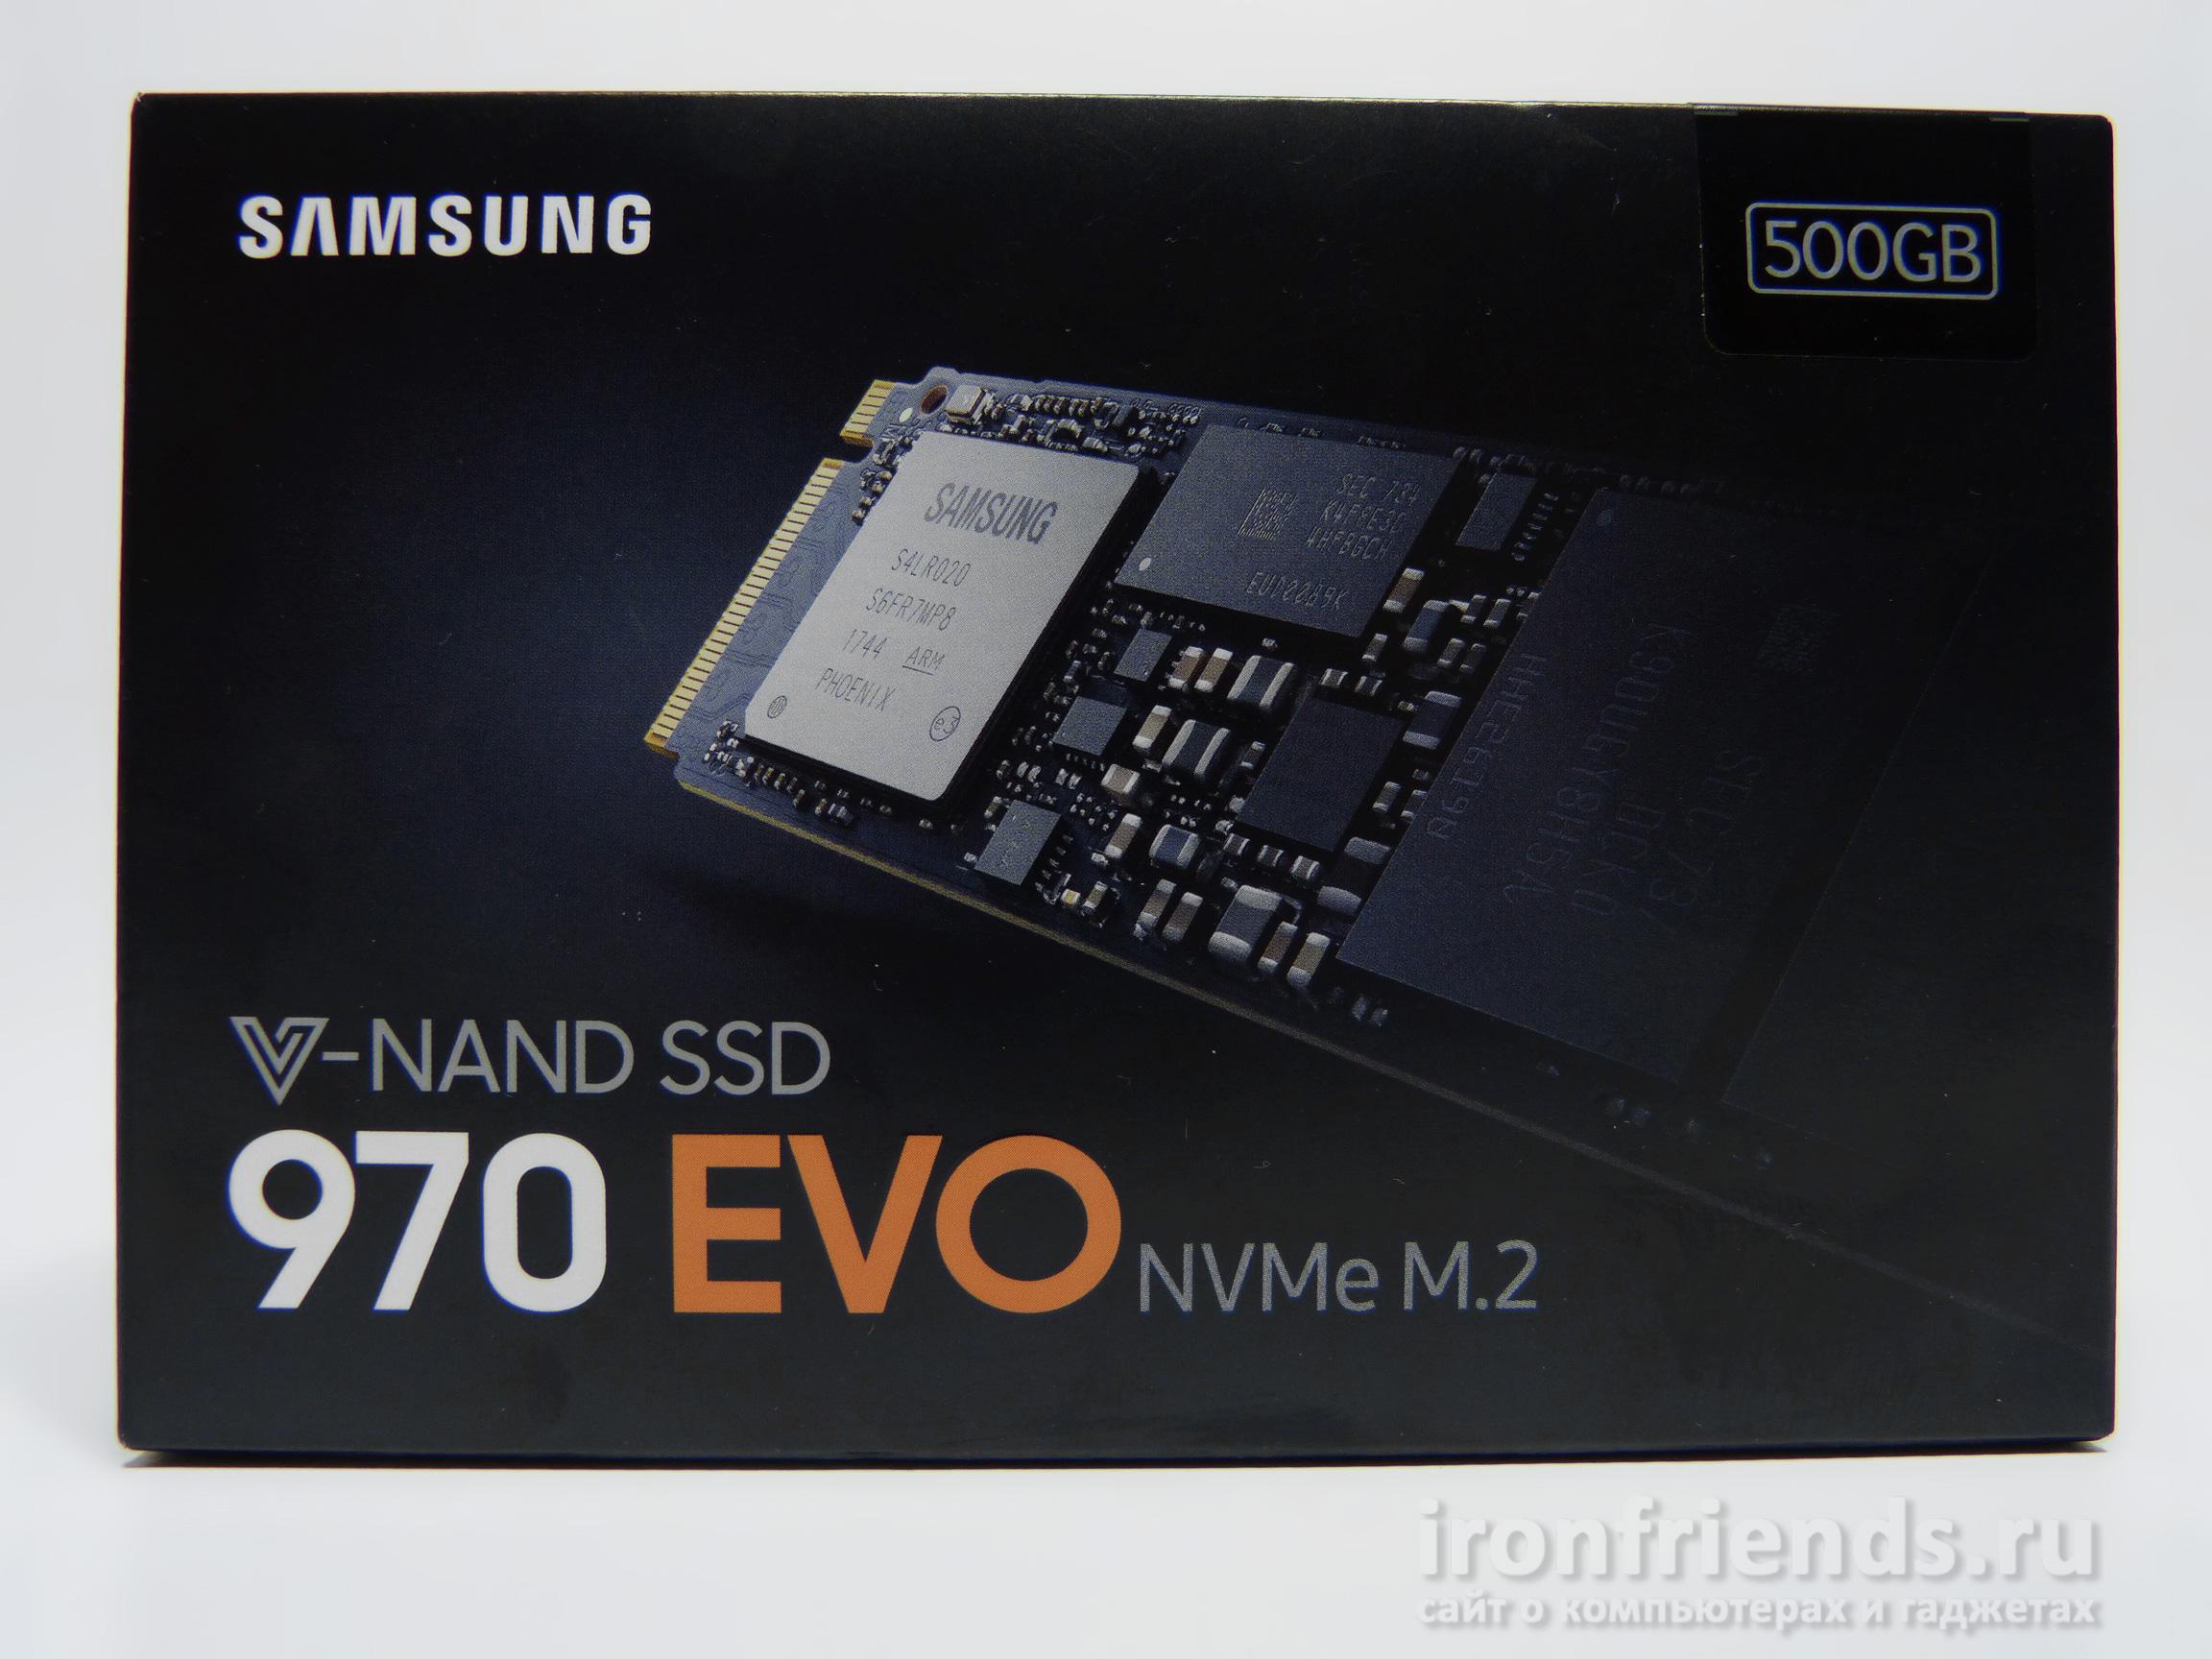 Упаковка Samsung 970 Evo